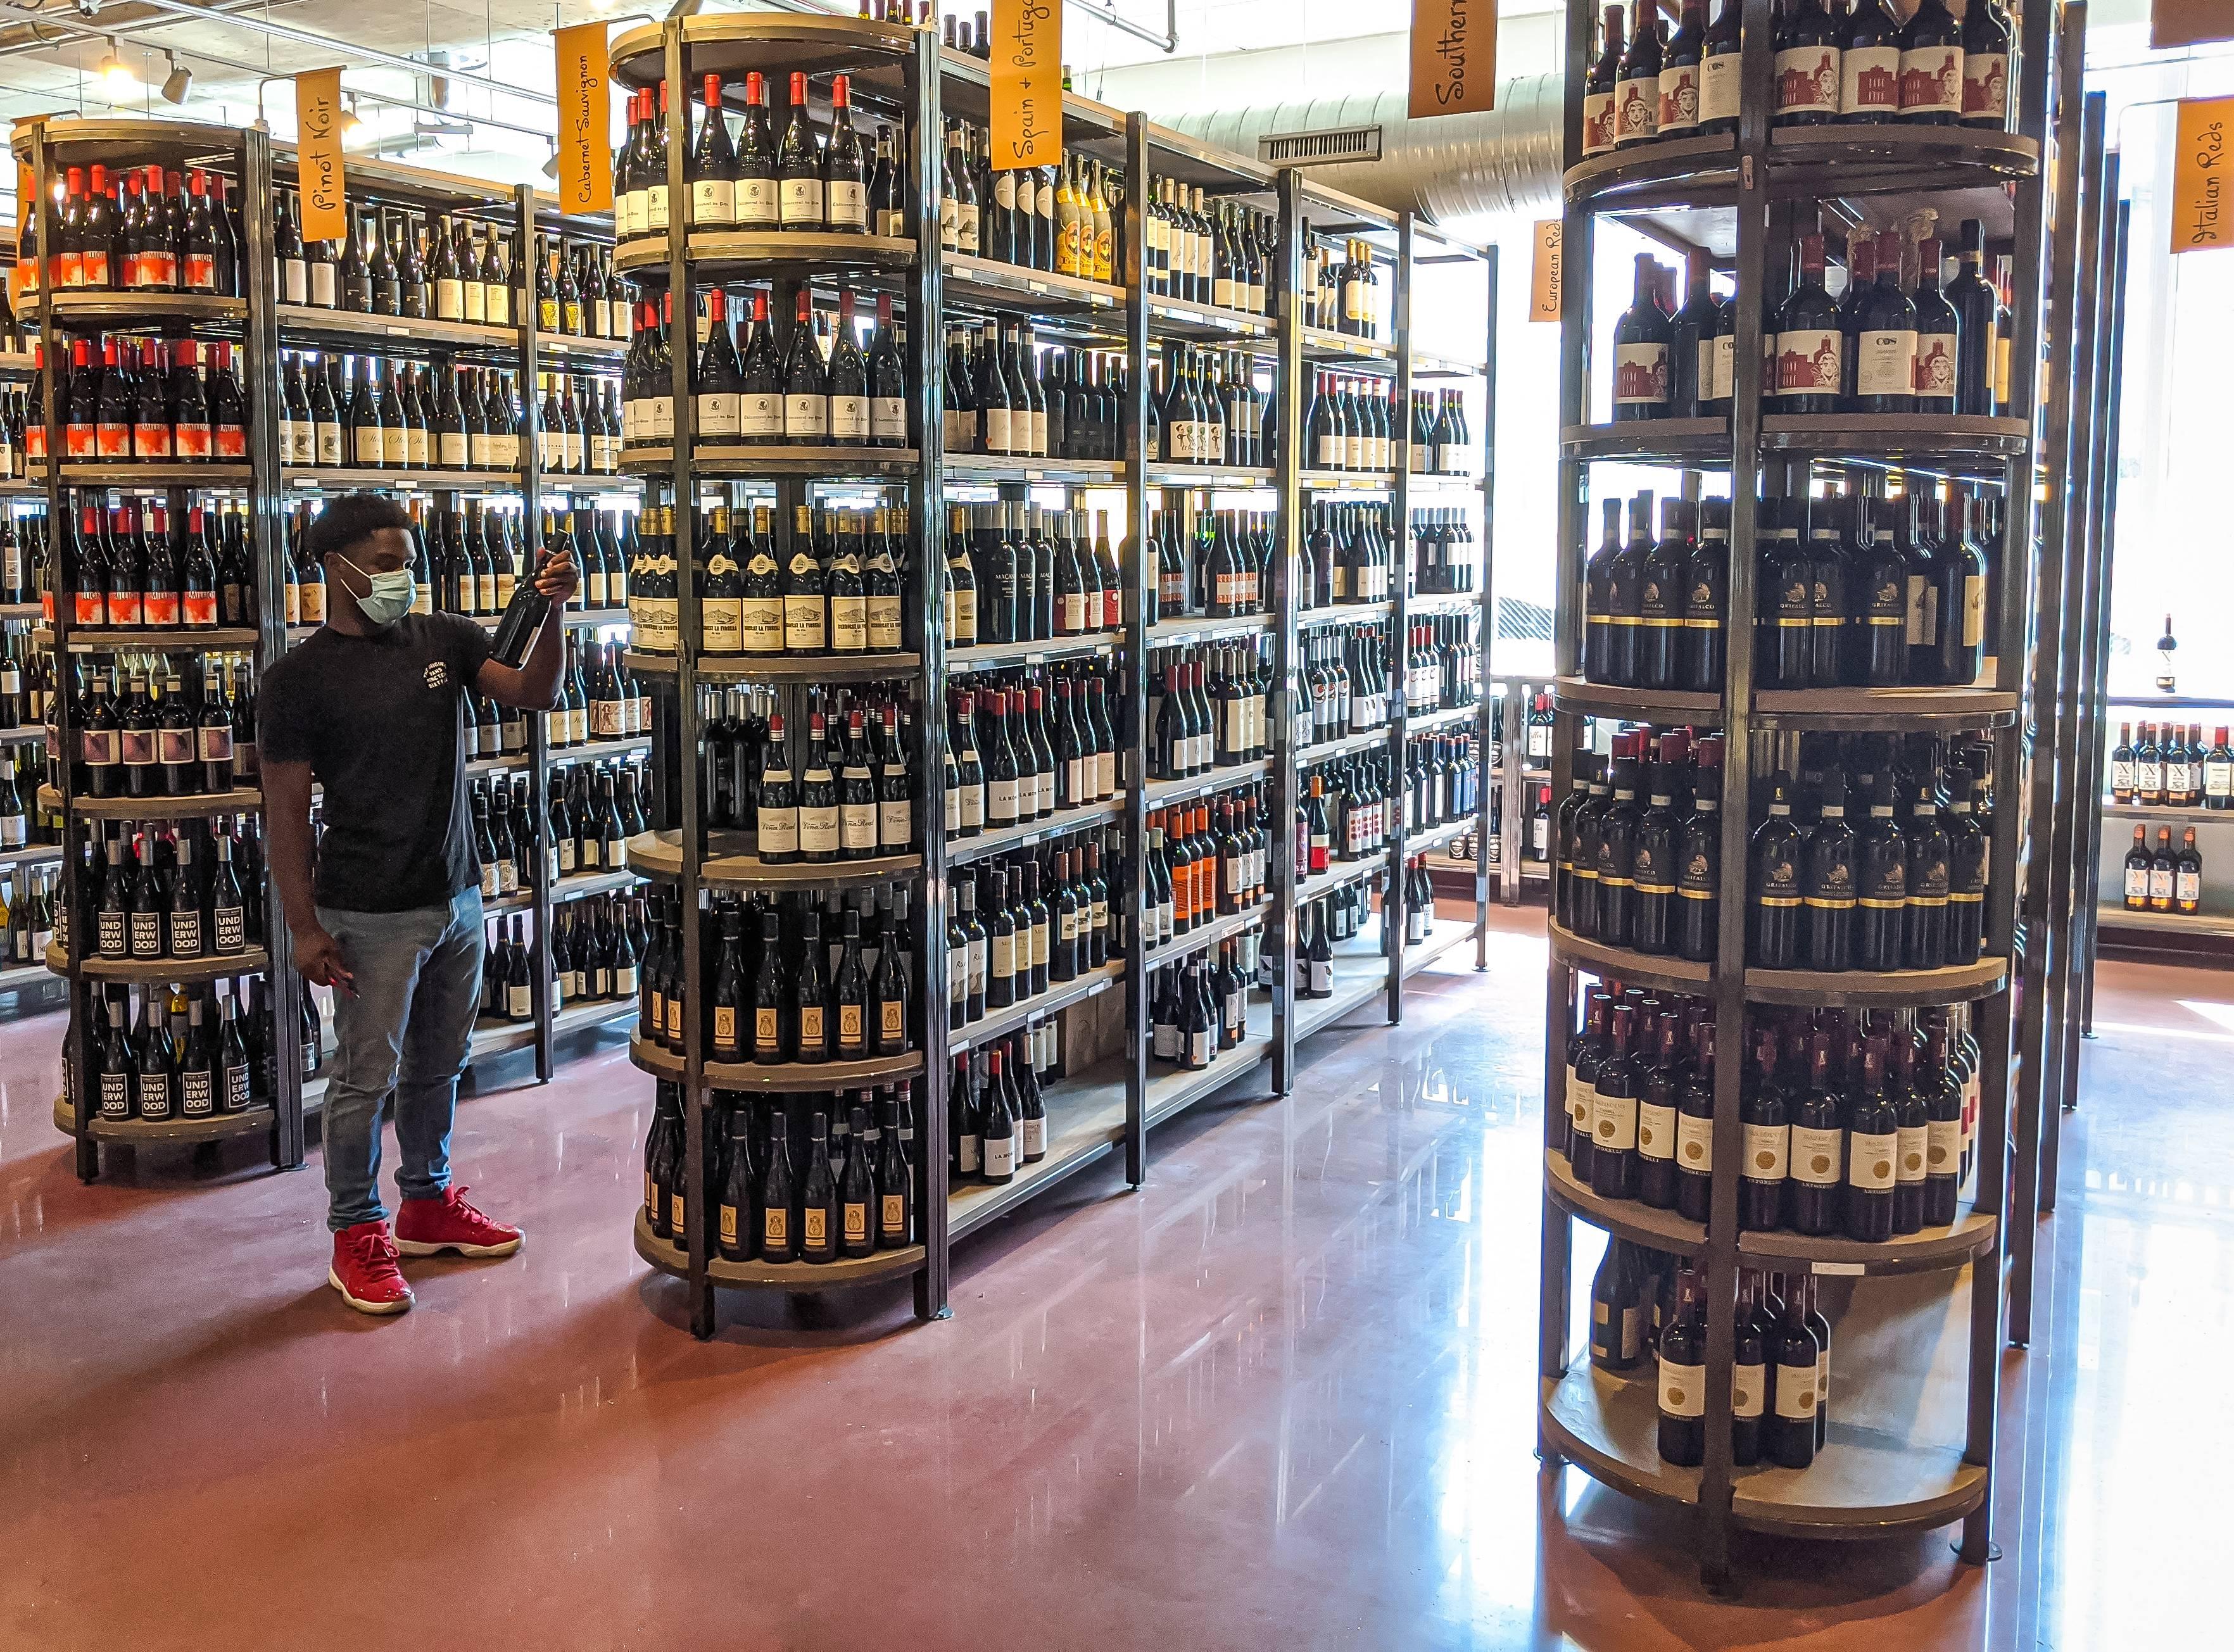 Bin 604 Wine + Spirits